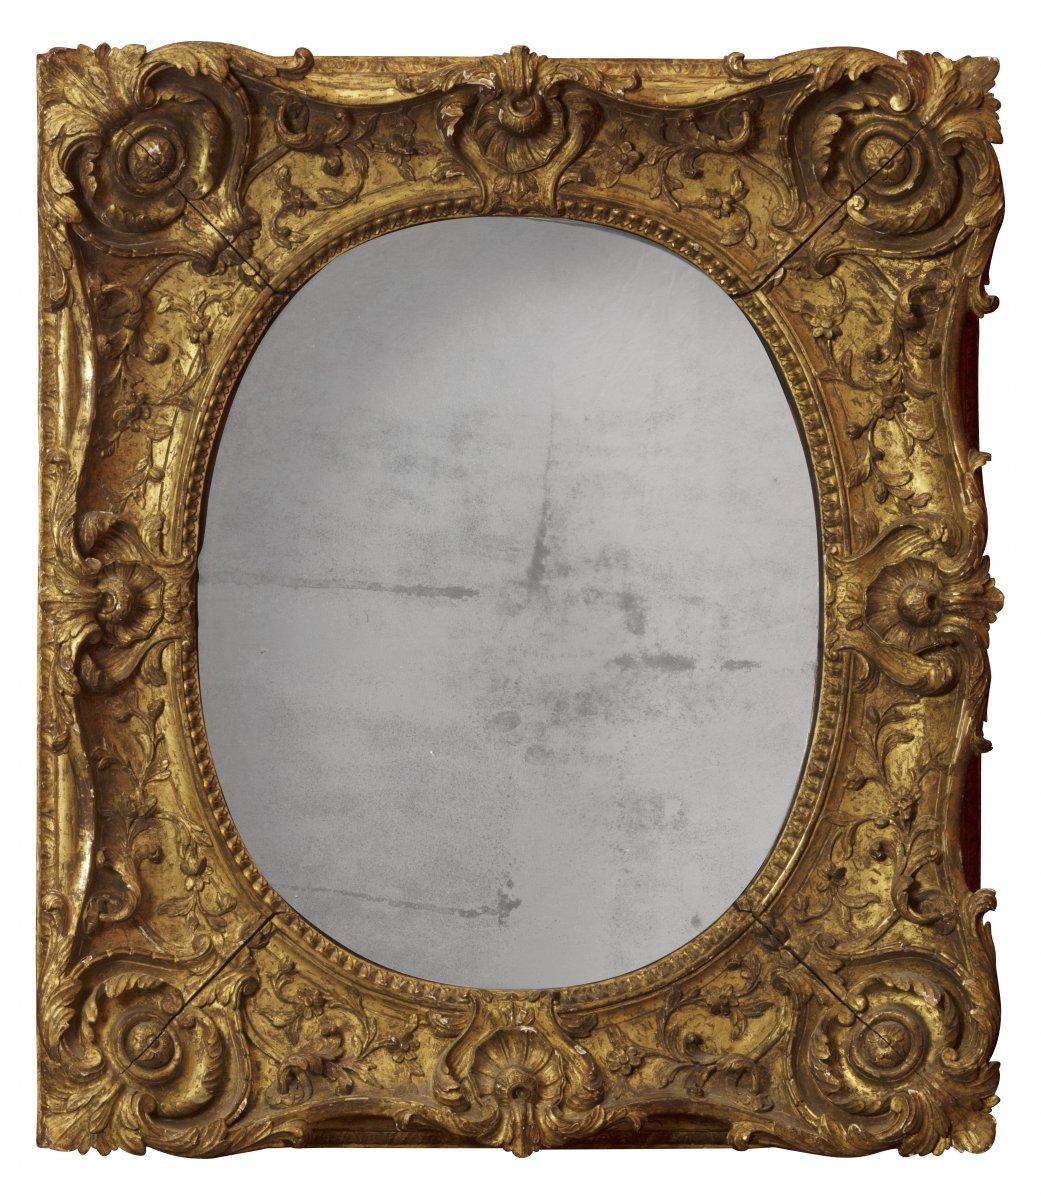 cadre mont en miroir poque louis xv xviiie si cle. Black Bedroom Furniture Sets. Home Design Ideas